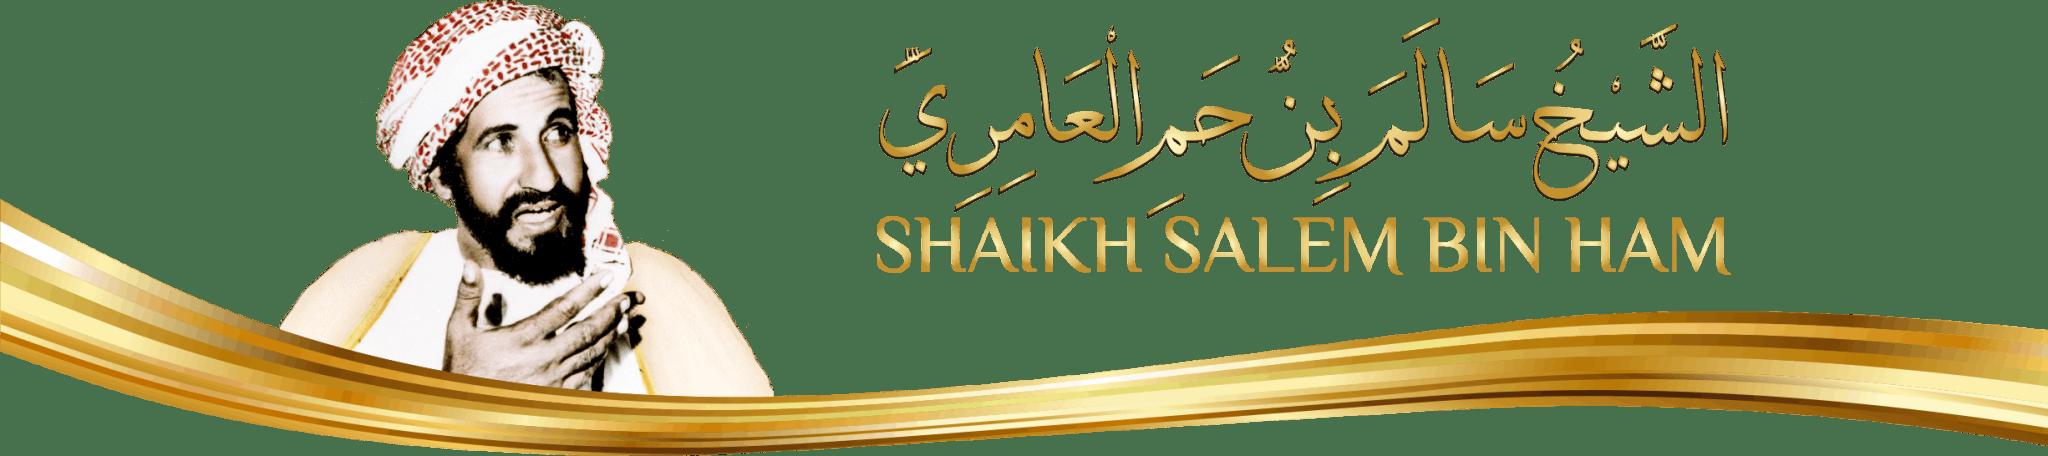 الموقع الرسمي للشيخ سالم بن حم العامري